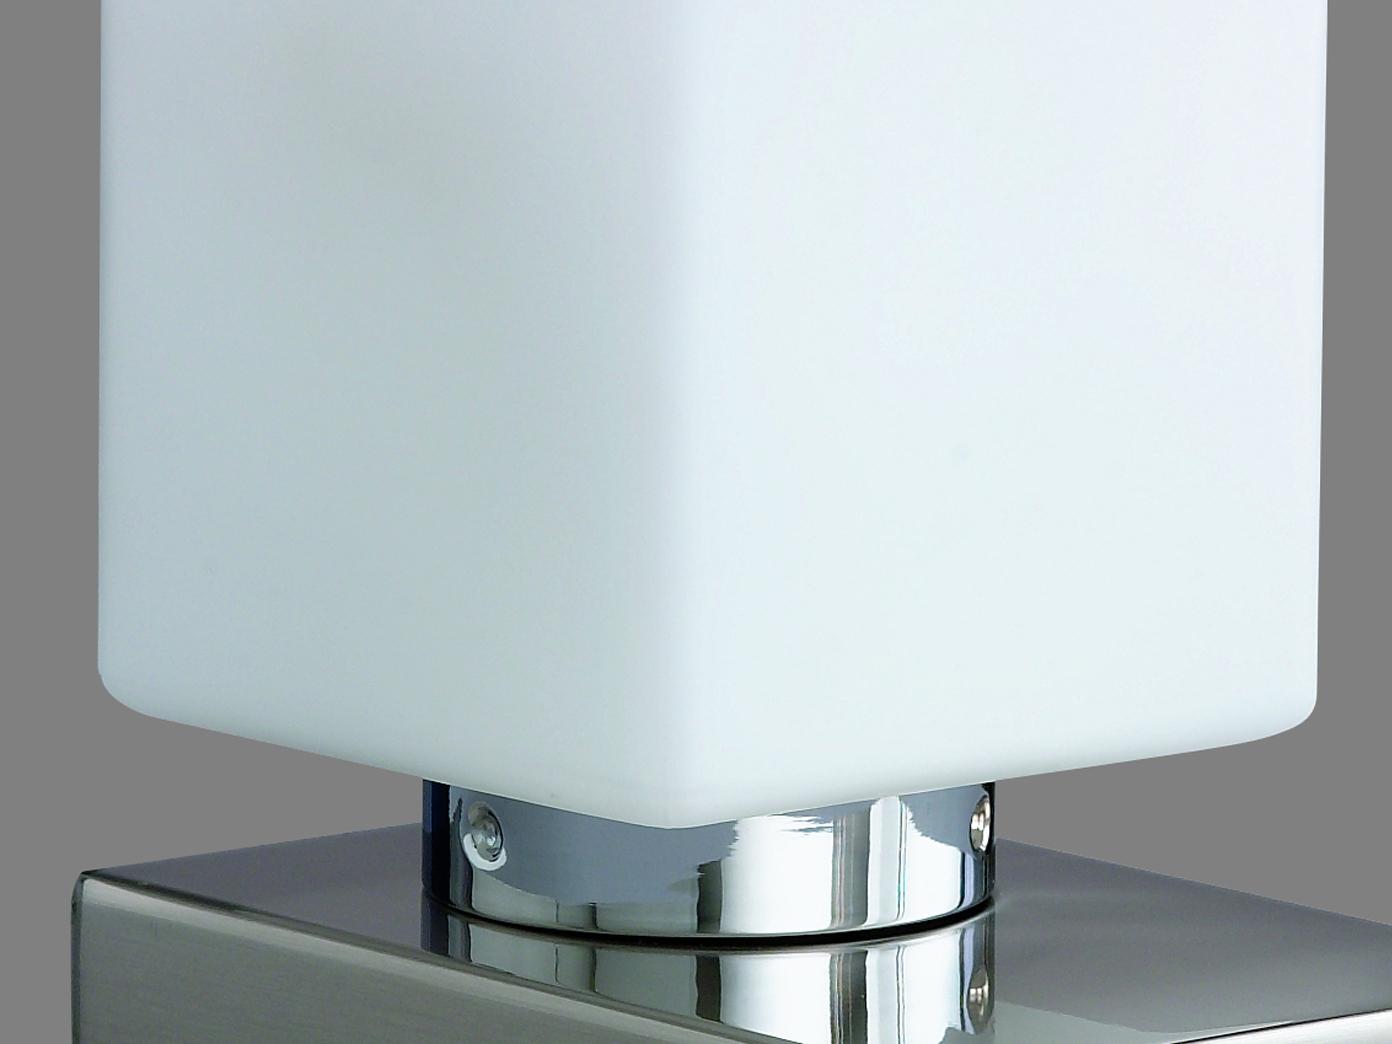 Tischlampe mit Dimmer Touchdimmer Glas weiß Lampe